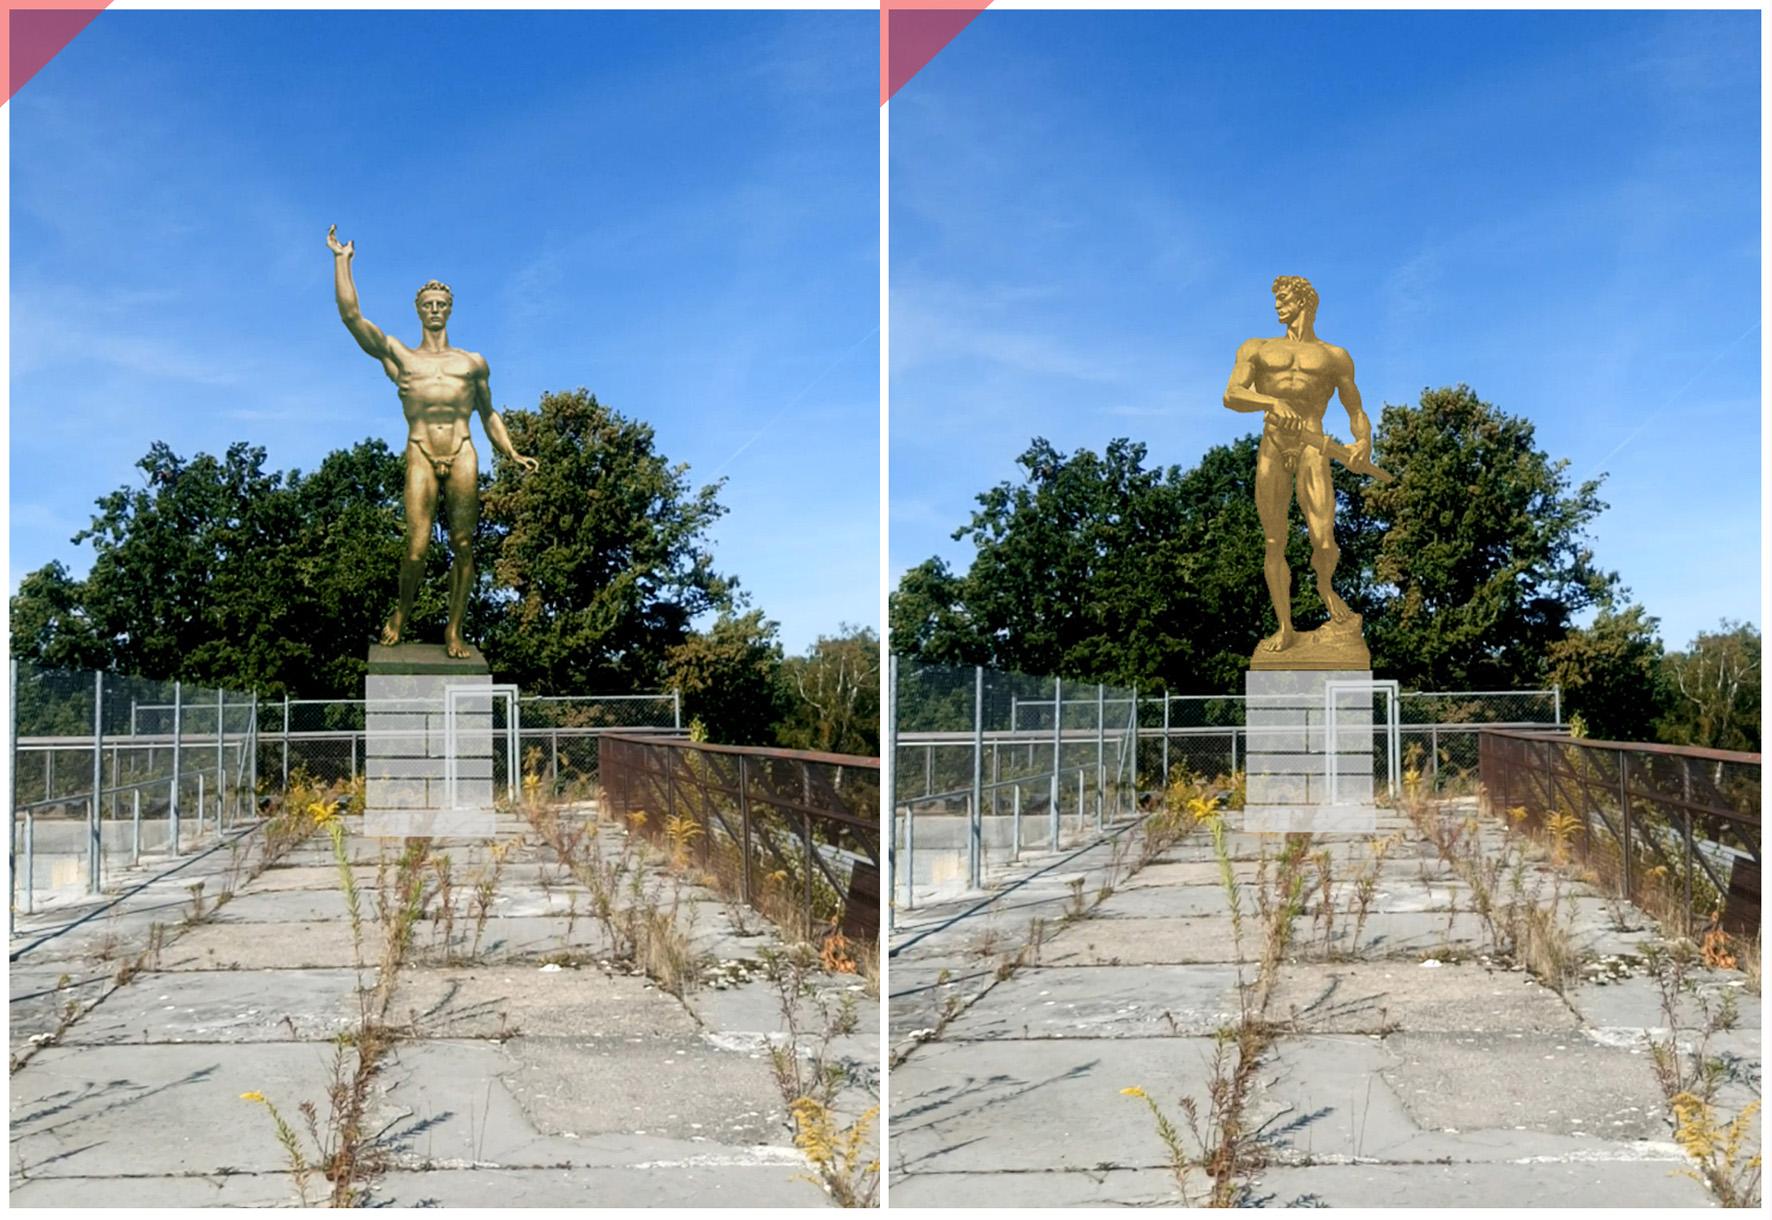 Zeppelintribüne-Nürnberg-Skulpturen-Plastiken-Arno-Breker-1939-der-Künder-die-Bereitschaft-vergoldet-Bronze-Zeppelin-field-grandstand-Nuremberg-sculptures-planned-figures-golden-gilded-bronze-Arno-Breker-1939-Seer-Readieness